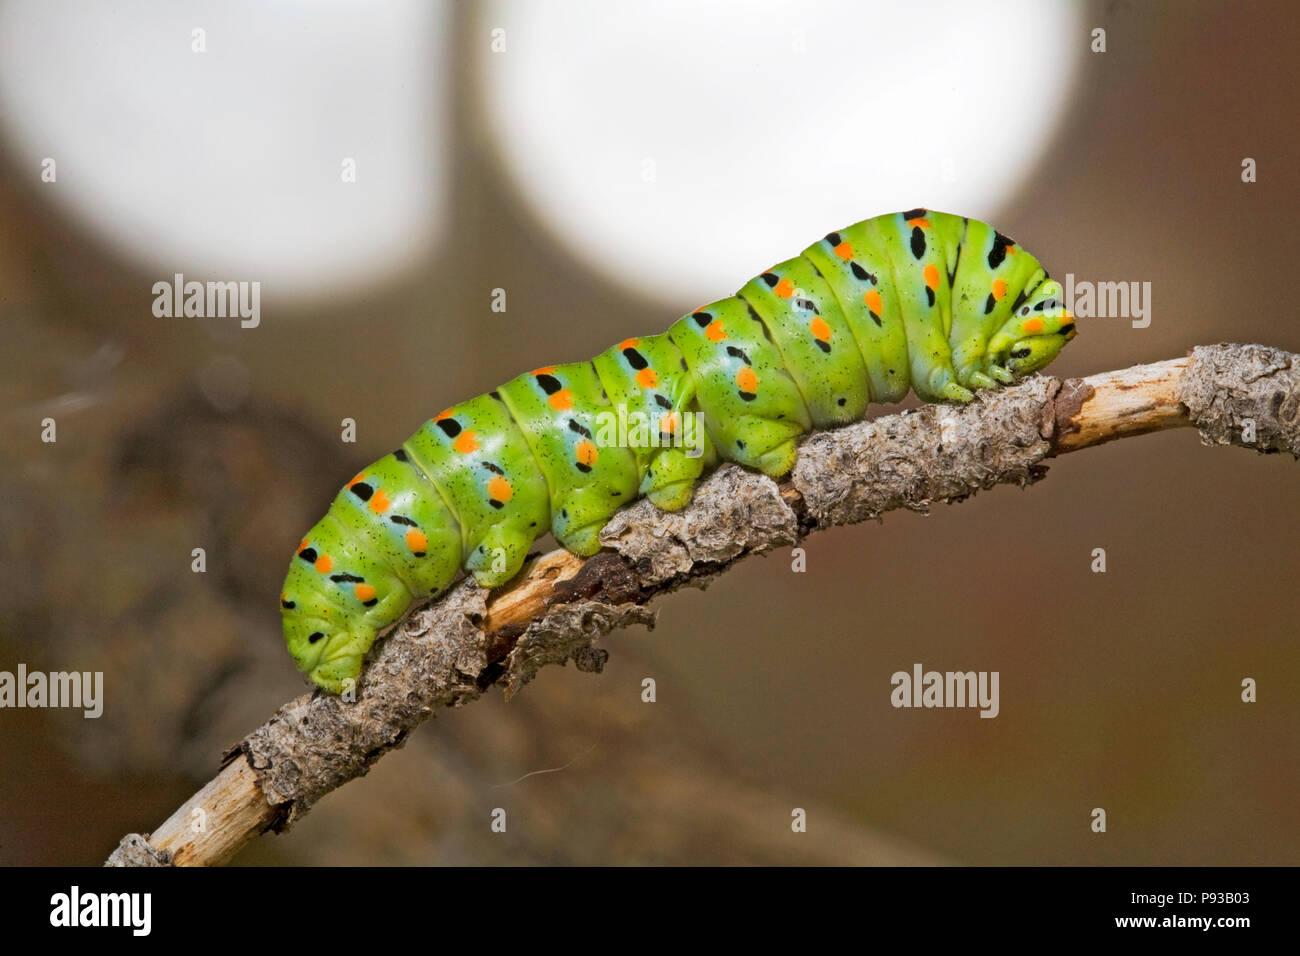 Un primer plano de la oruga o larva de una especie de anís, mariposas Papilio zelicaon, antes de pupa. Los cuernos son de color amarillo, utilizado osmeteria fo Foto de stock